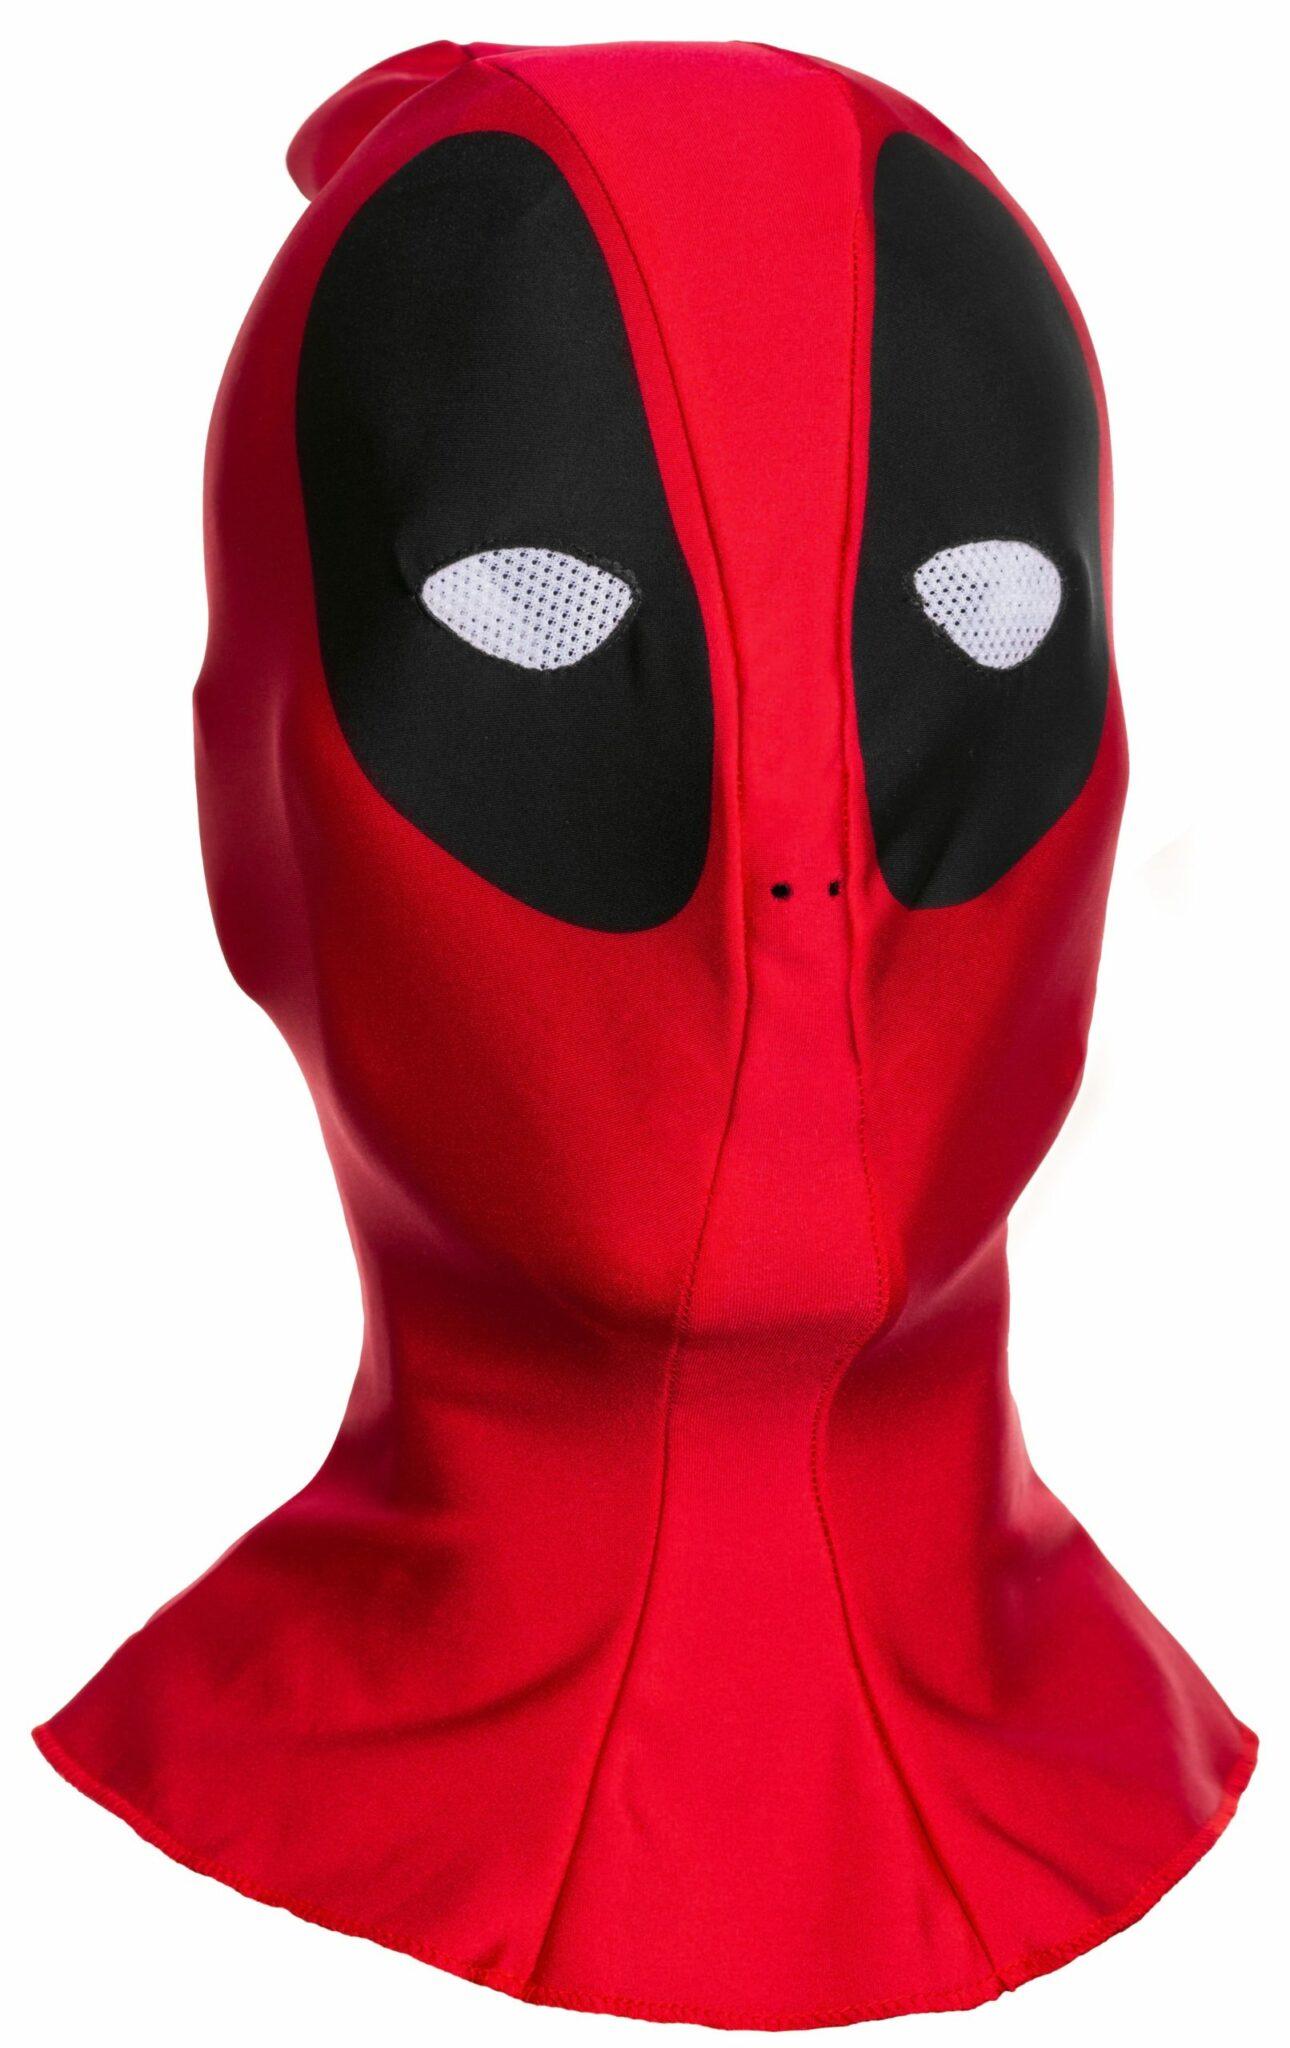 Adult Deadpool Mask 6